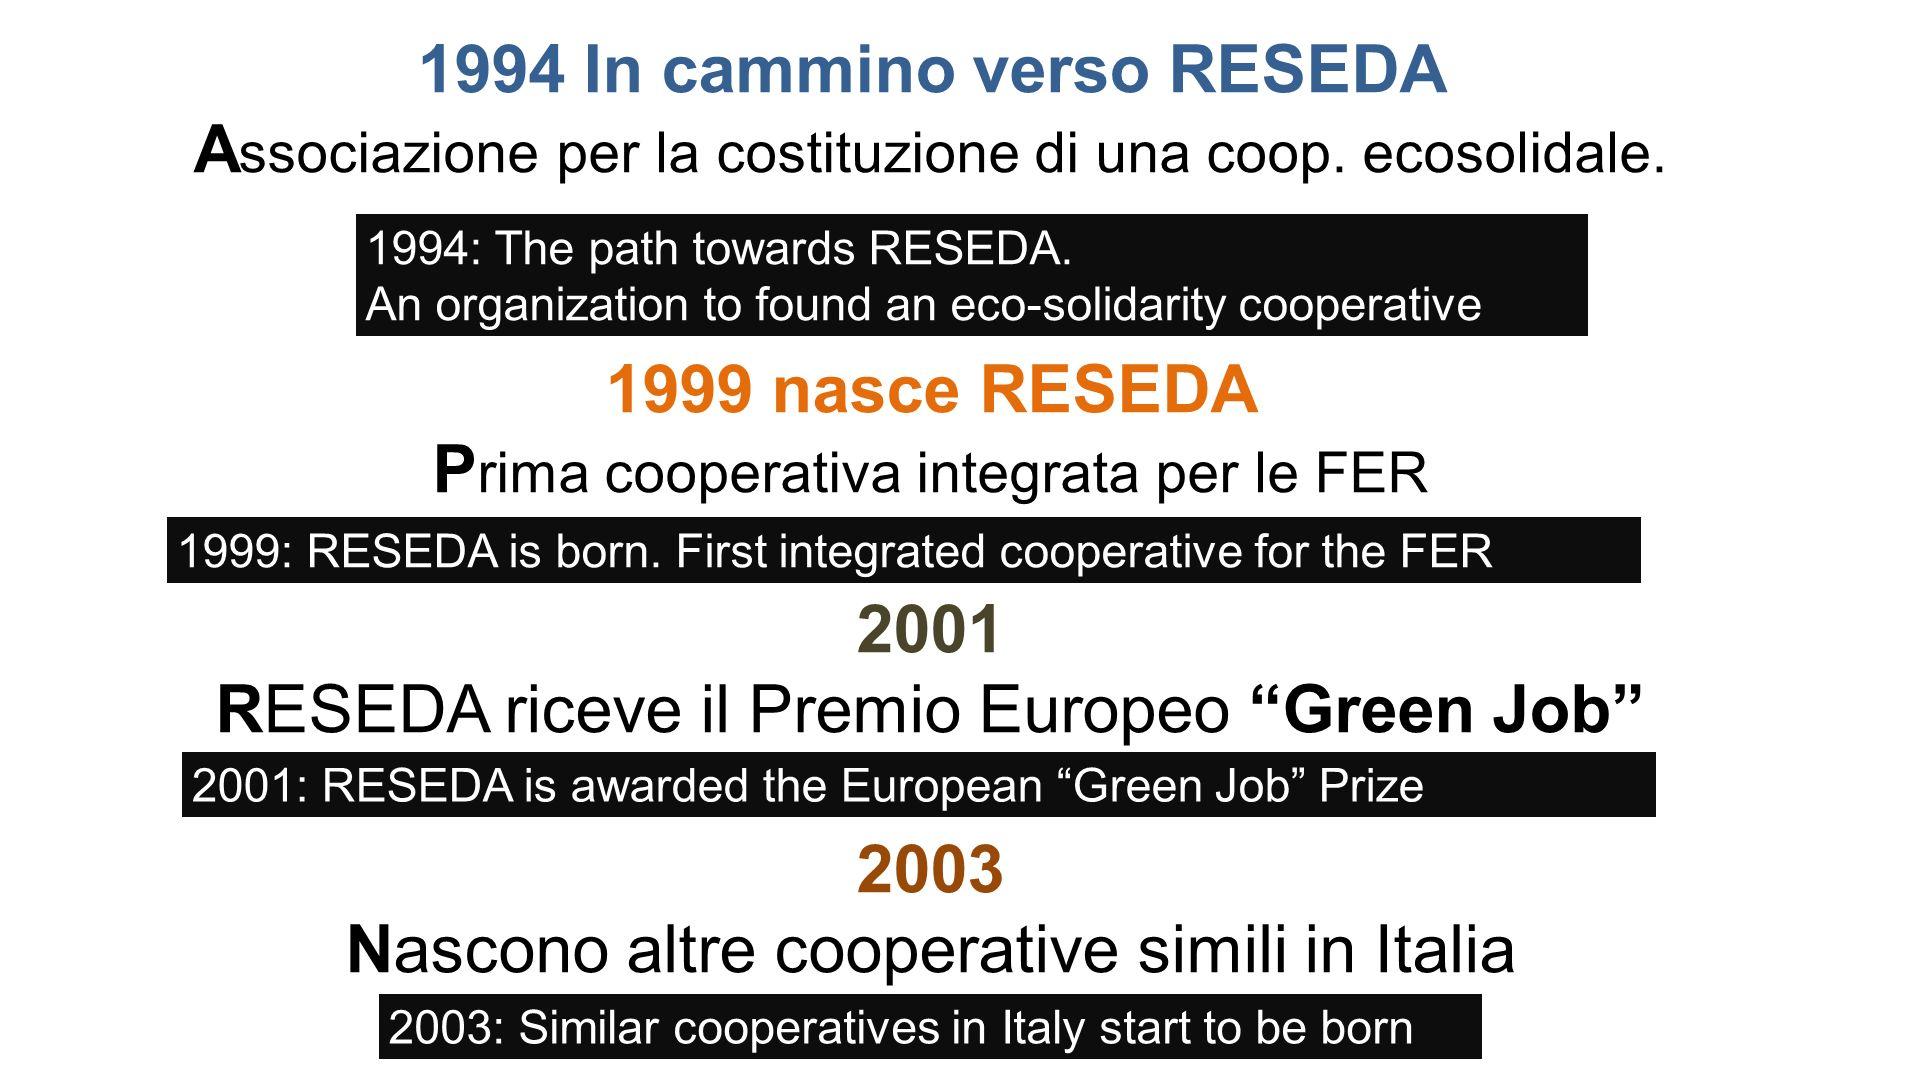 1994 In cammino verso RESEDA A ssociazione per la costituzione di una coop. ecosolidale. 1999 nasce RESEDA P rima cooperativa integrata per le FER 200